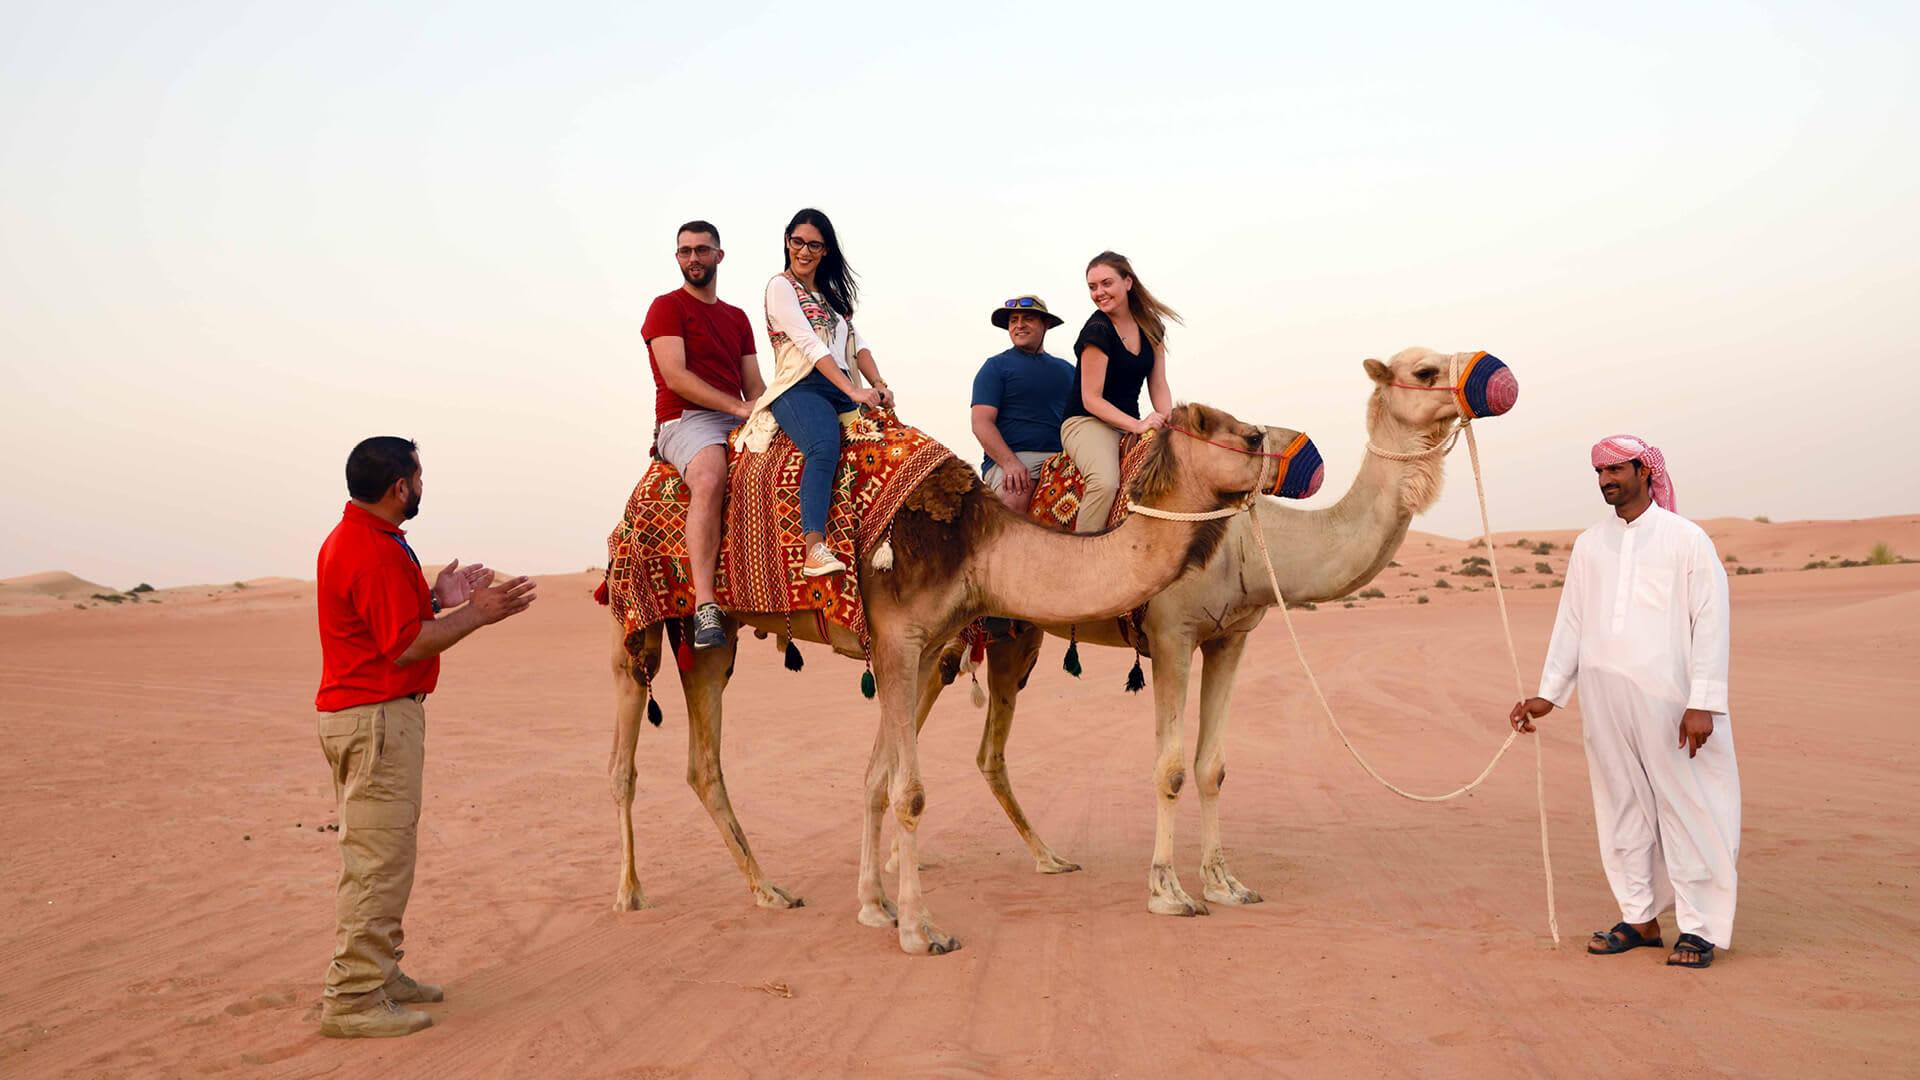 Sunset Desert Safari Tickets